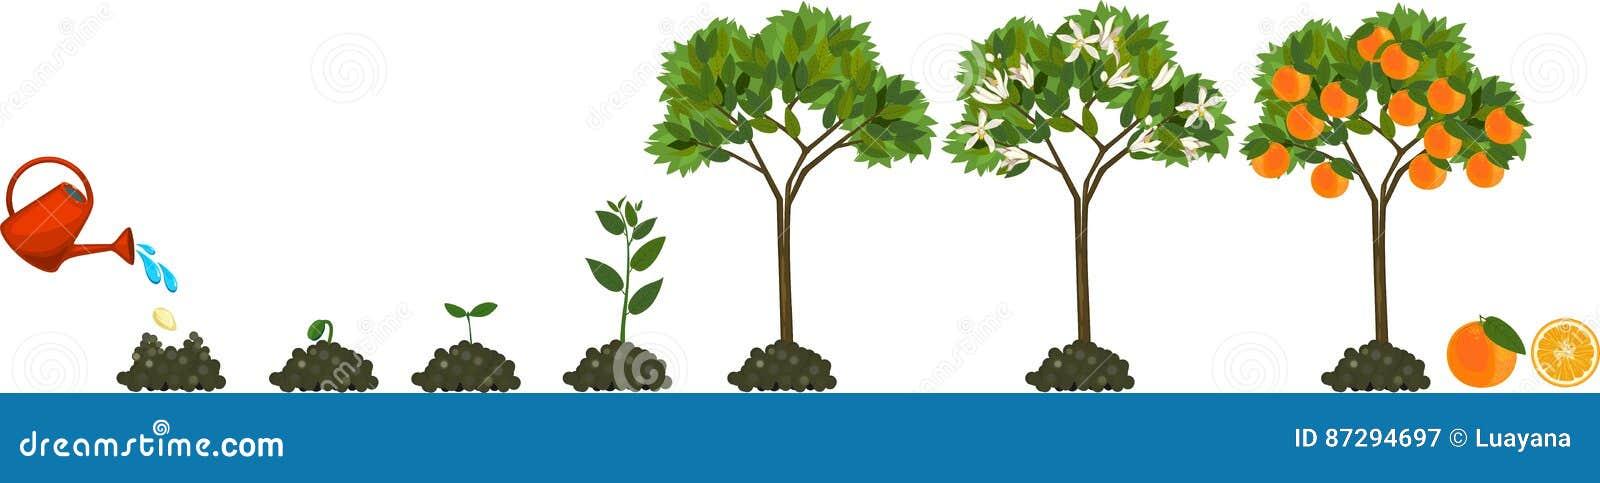 增长到从种子的植物到橙树 生命周期植物